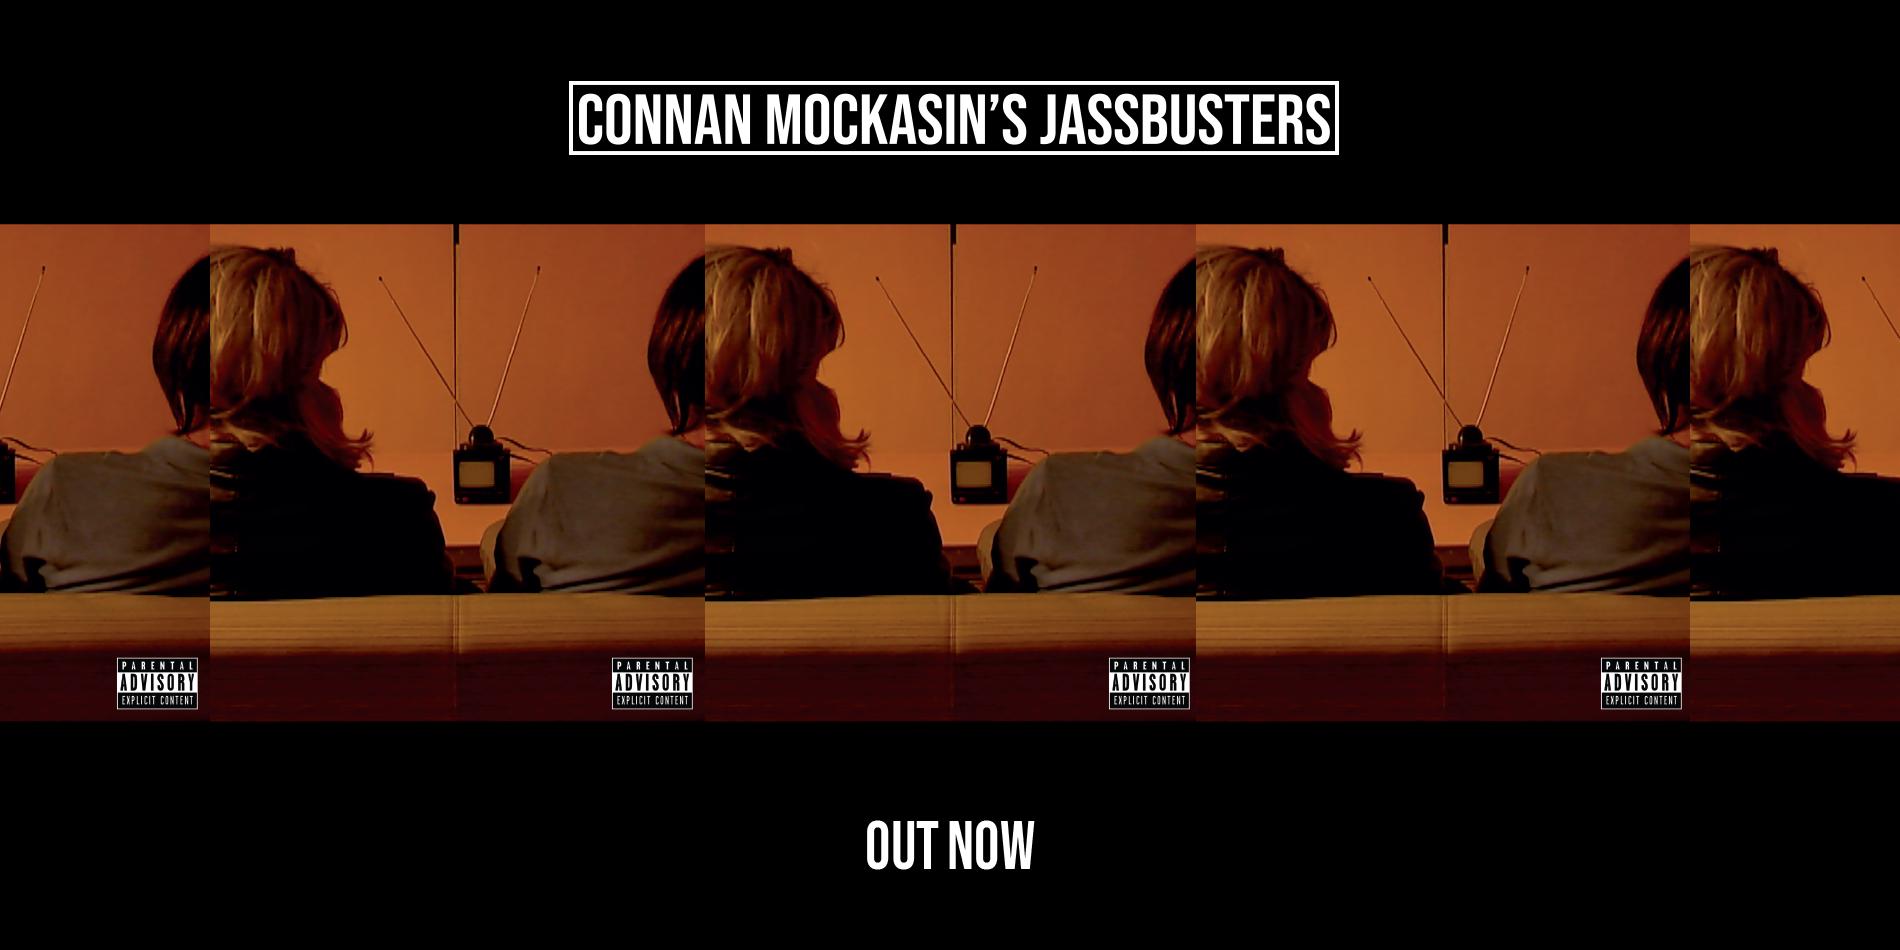 Connan Mockasin Jassbusters Slider